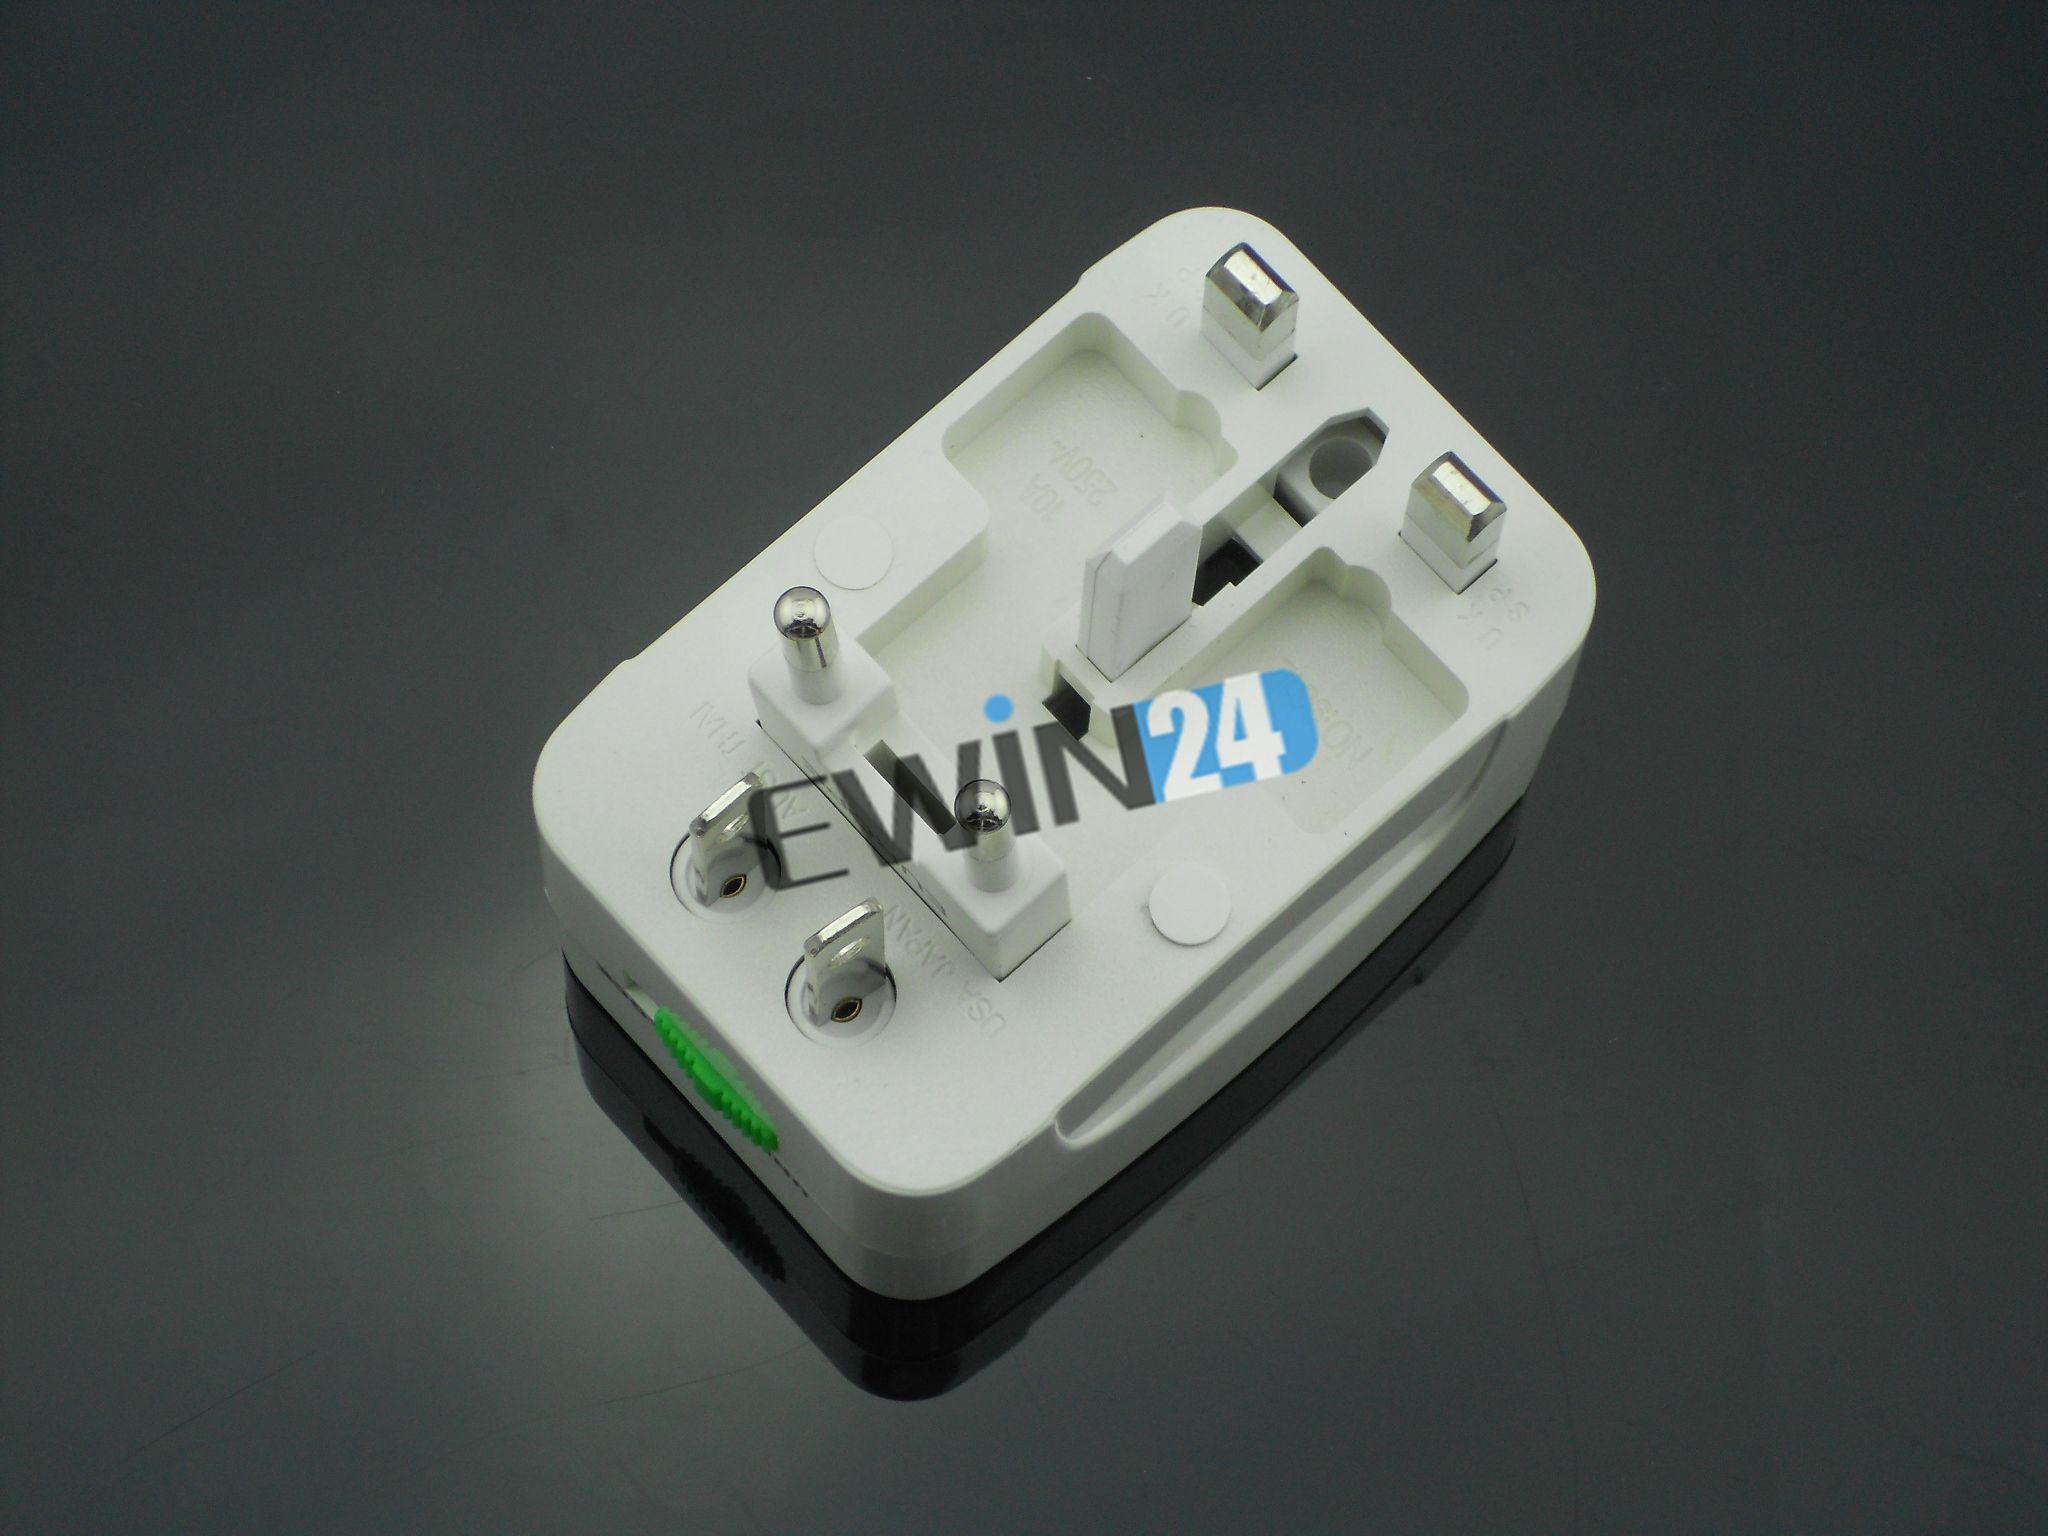 Во всем мире универсальный переменного тока инвертор разъем Multi путешествия адаптер Великобритании ЕС AU США с коробкой